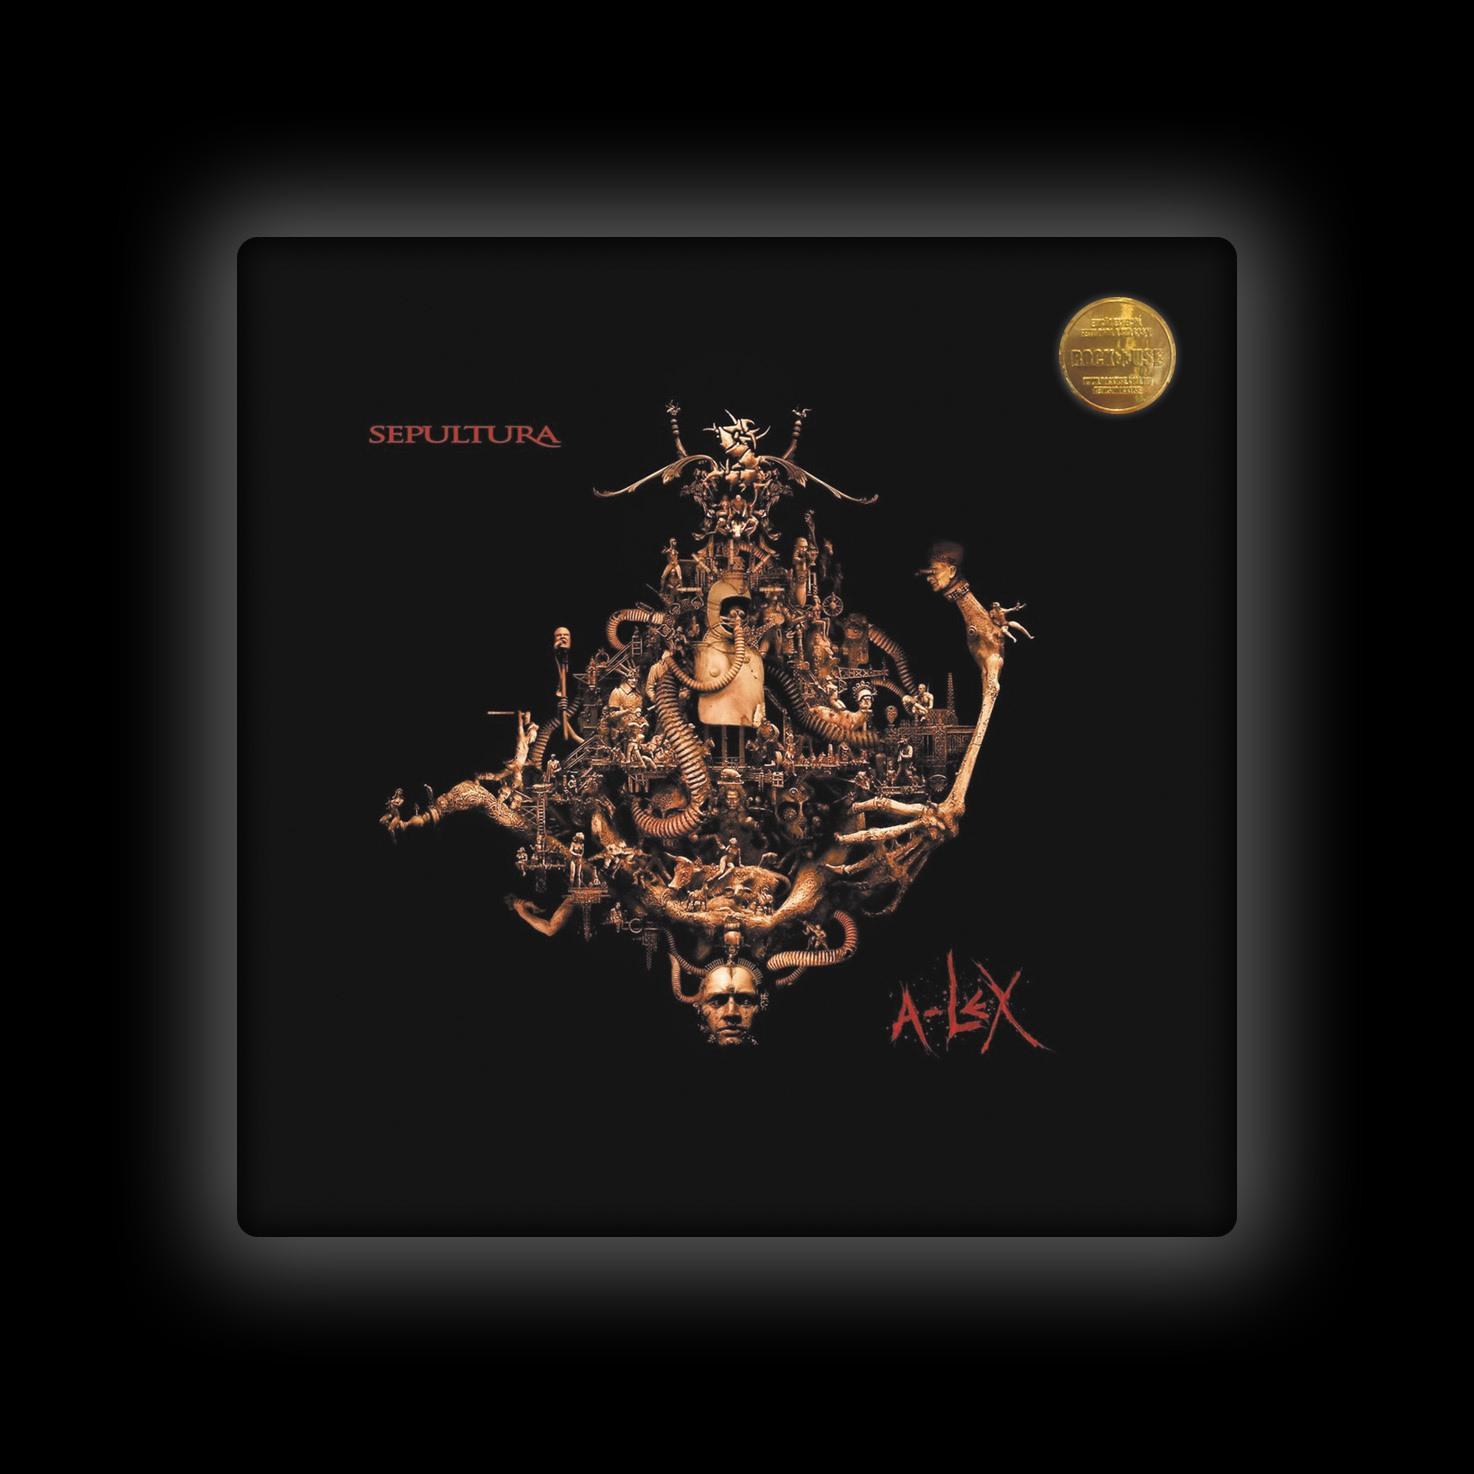 Capa de Almofada Sepultura - A-lex